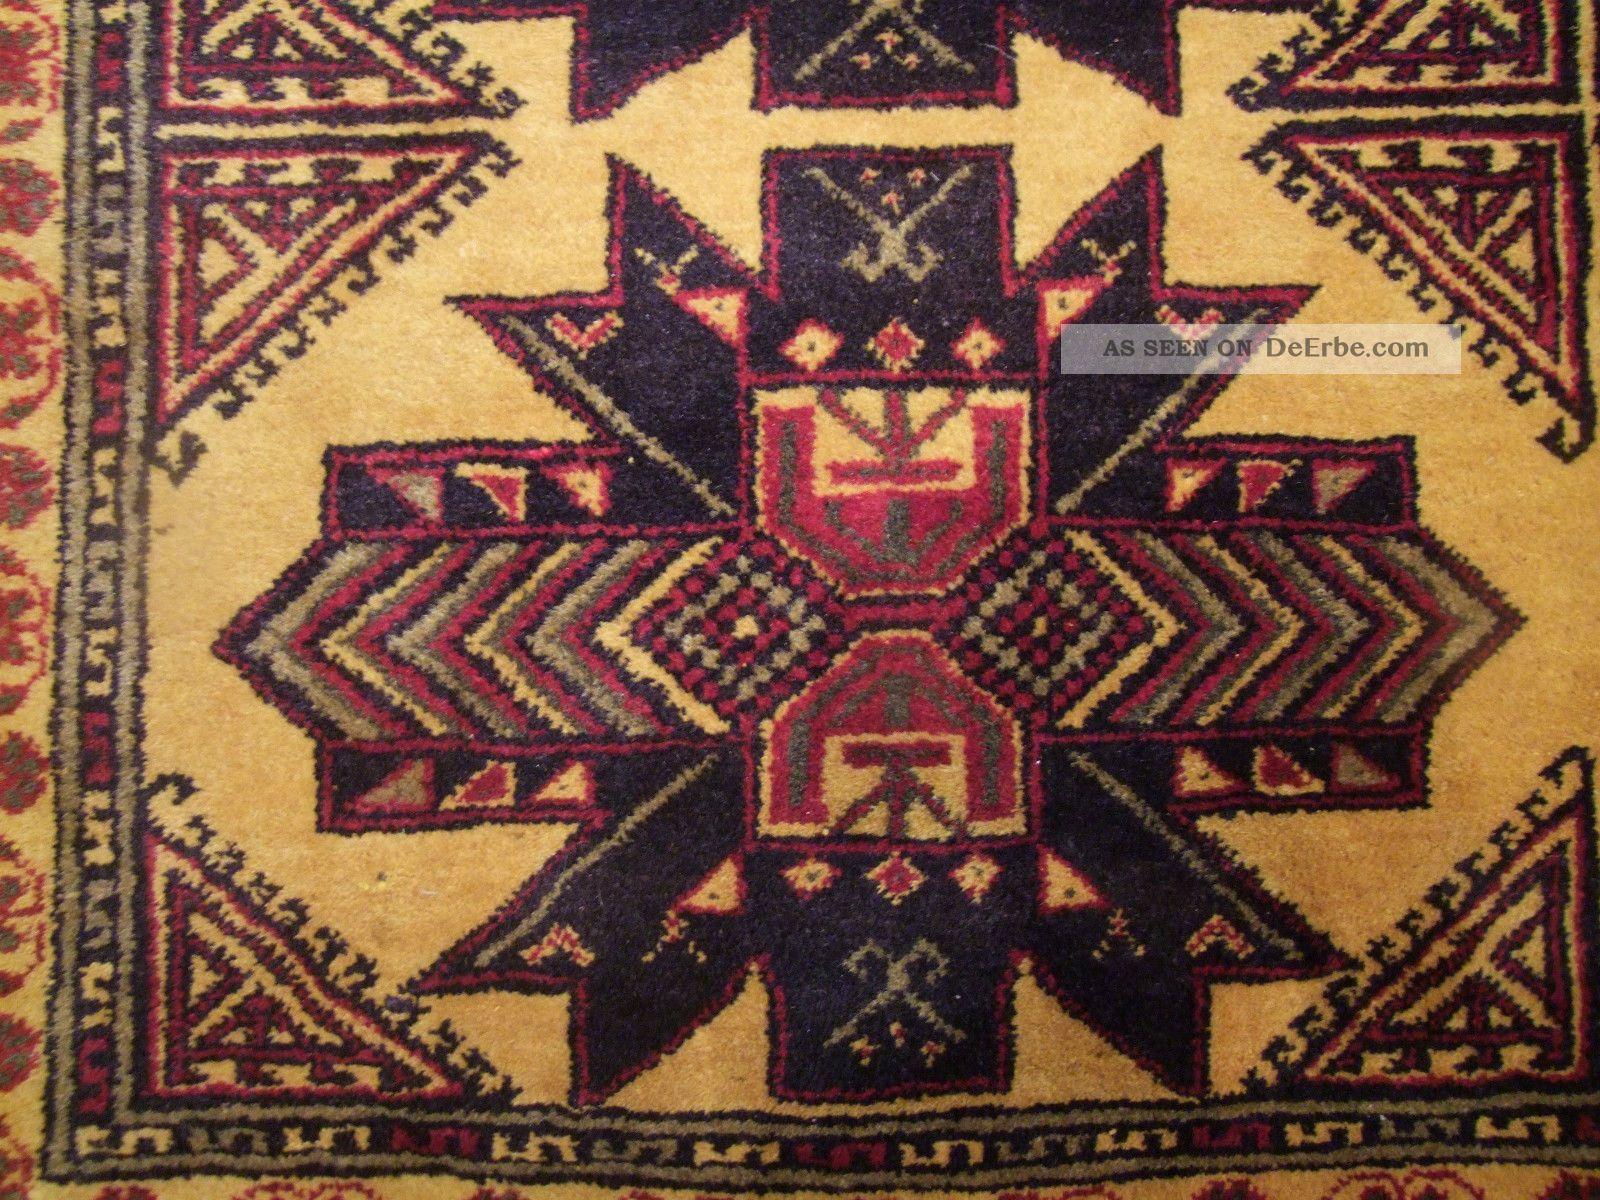 Alter Handgeknuepfter Orient Teppich Bauhaus Art Deco